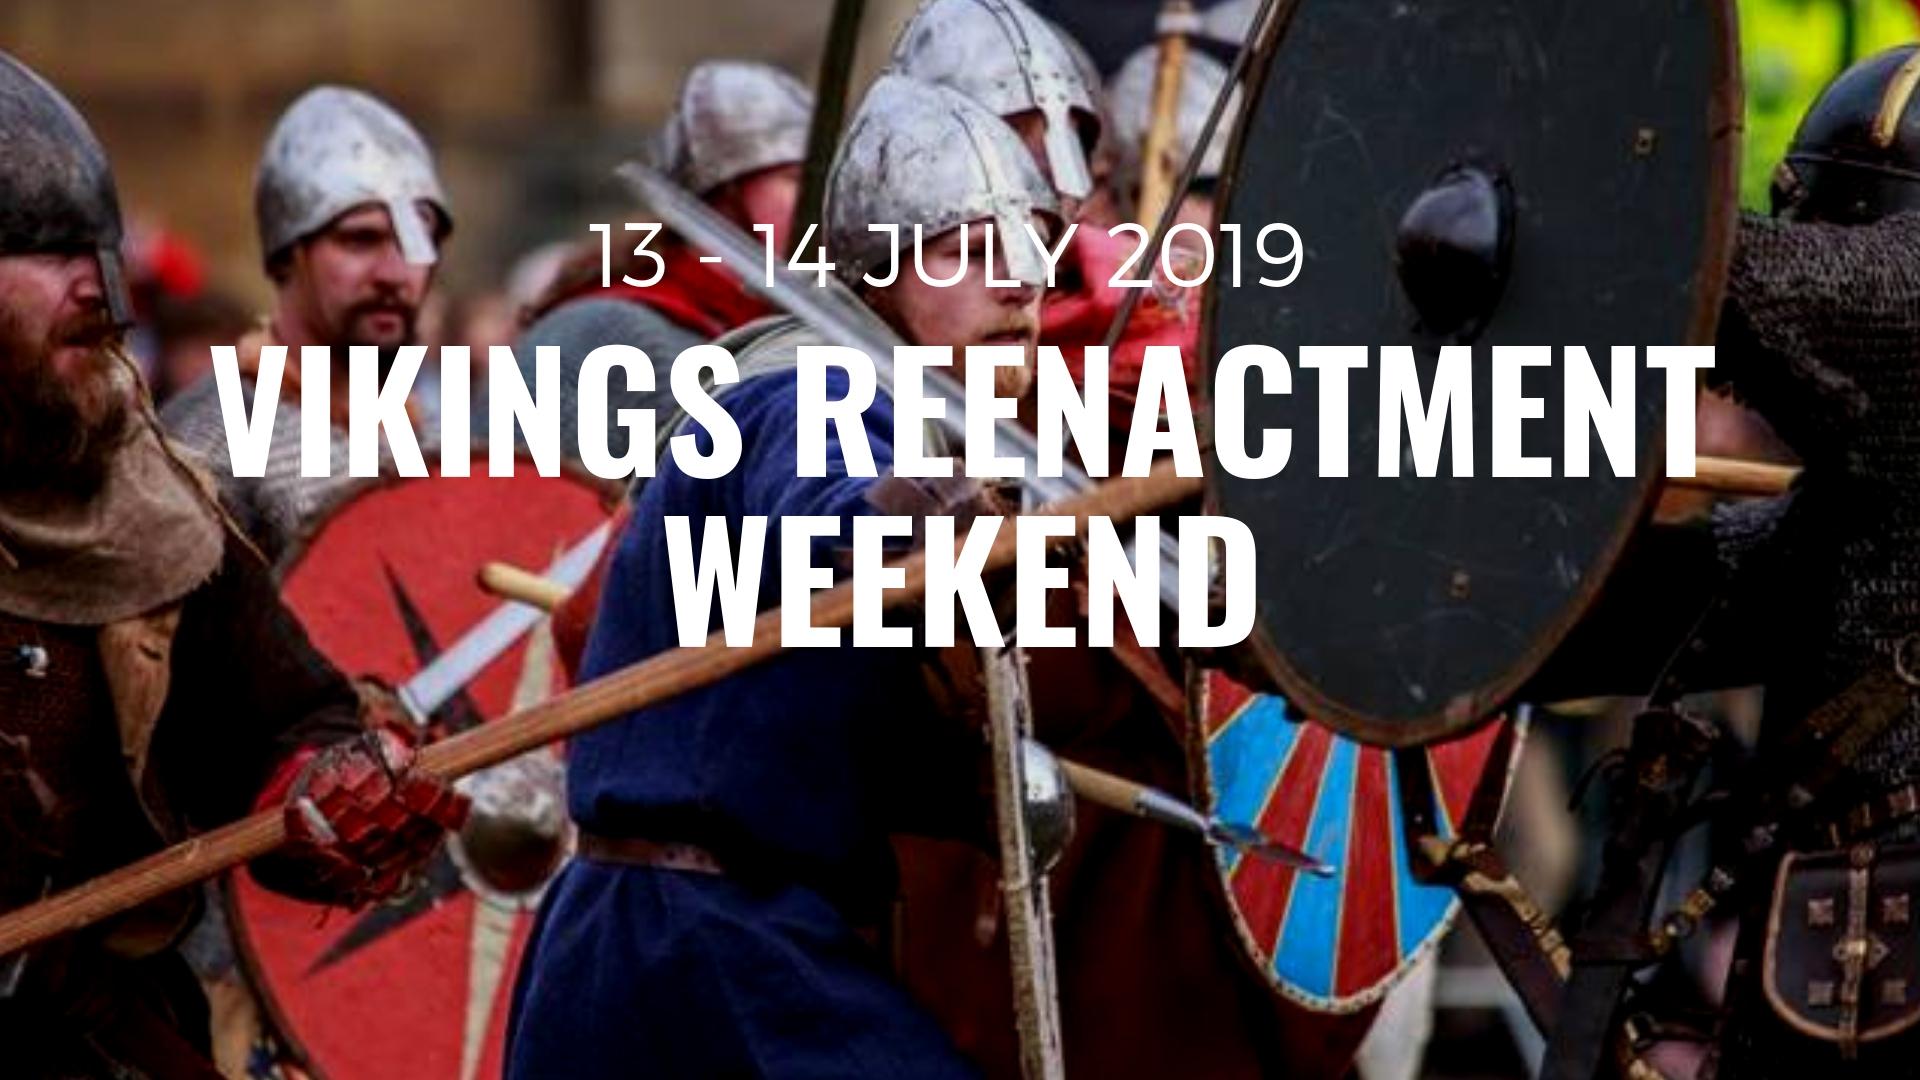 Vikings Reenactment Weekend | Sacrewell Farm